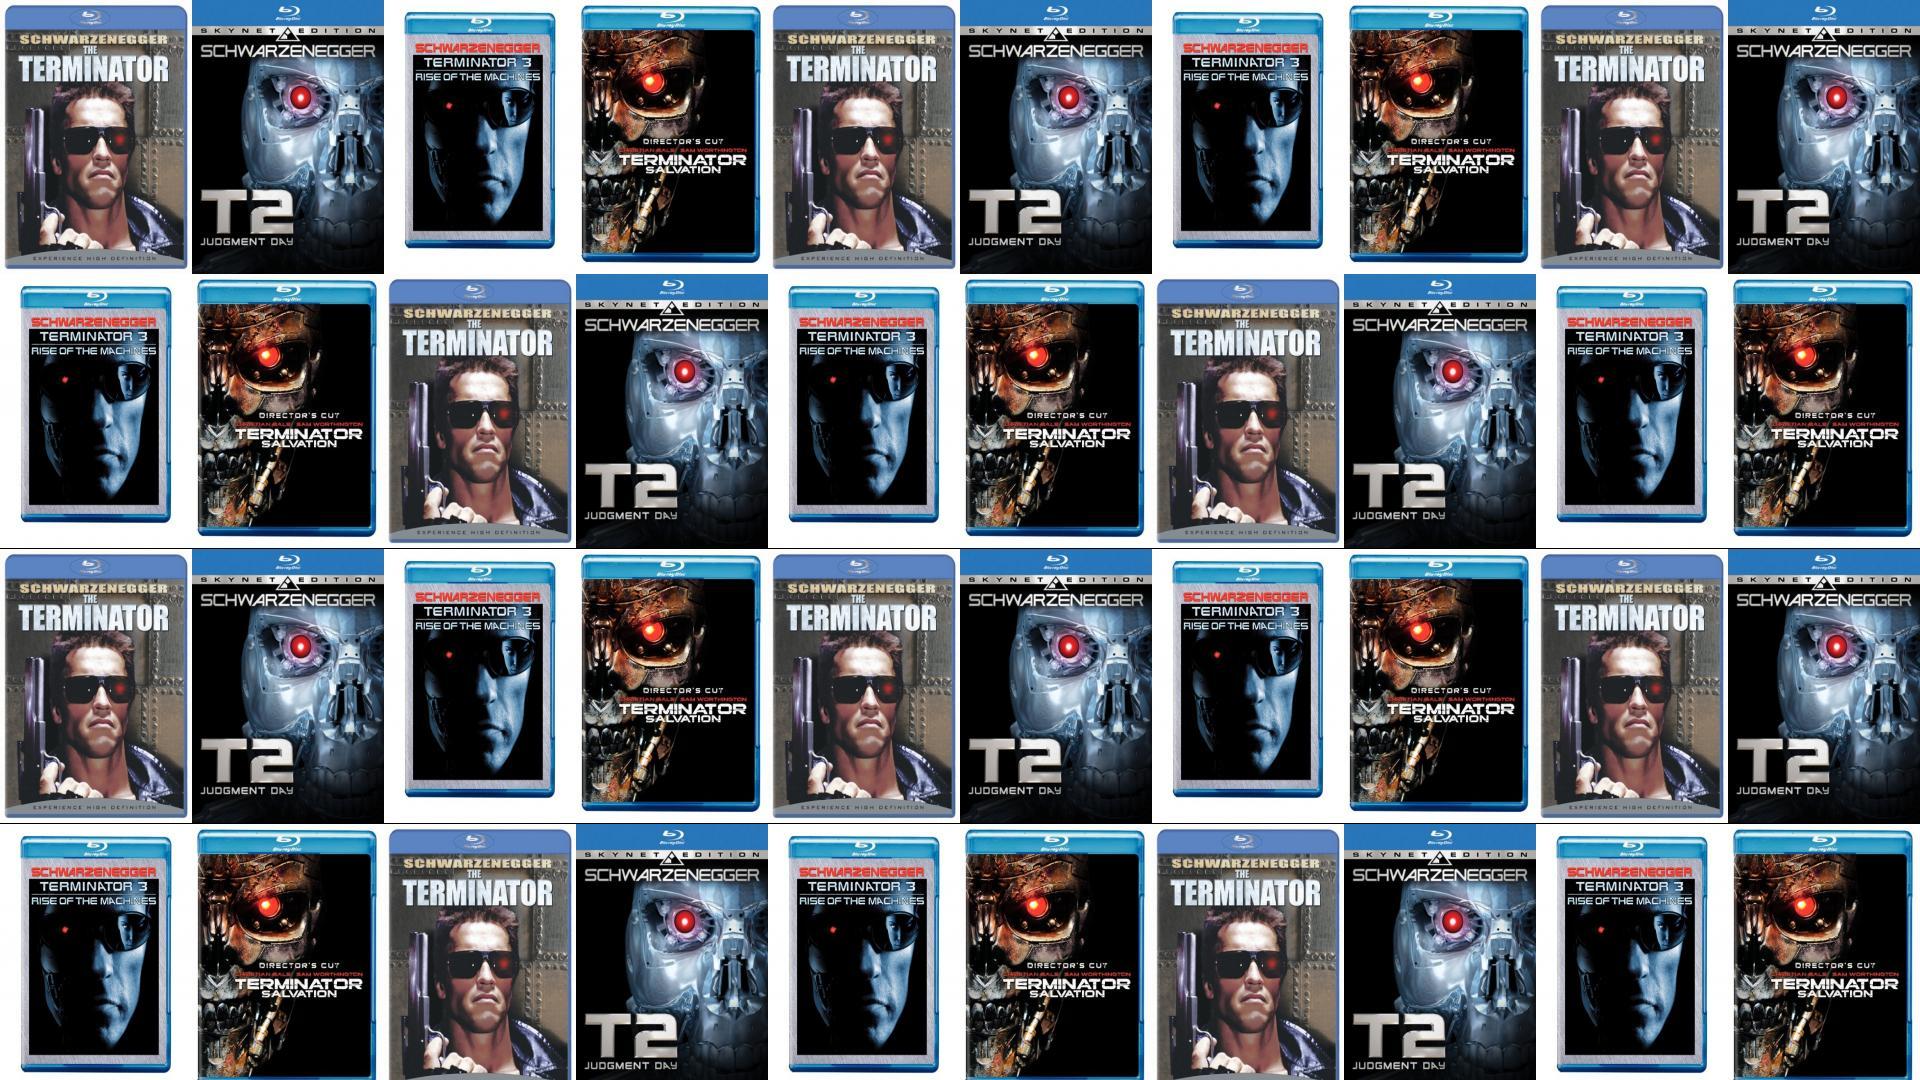 Terminator Salvation HD desktop wallpaper   Widescreen   High     terminator   wallpapers